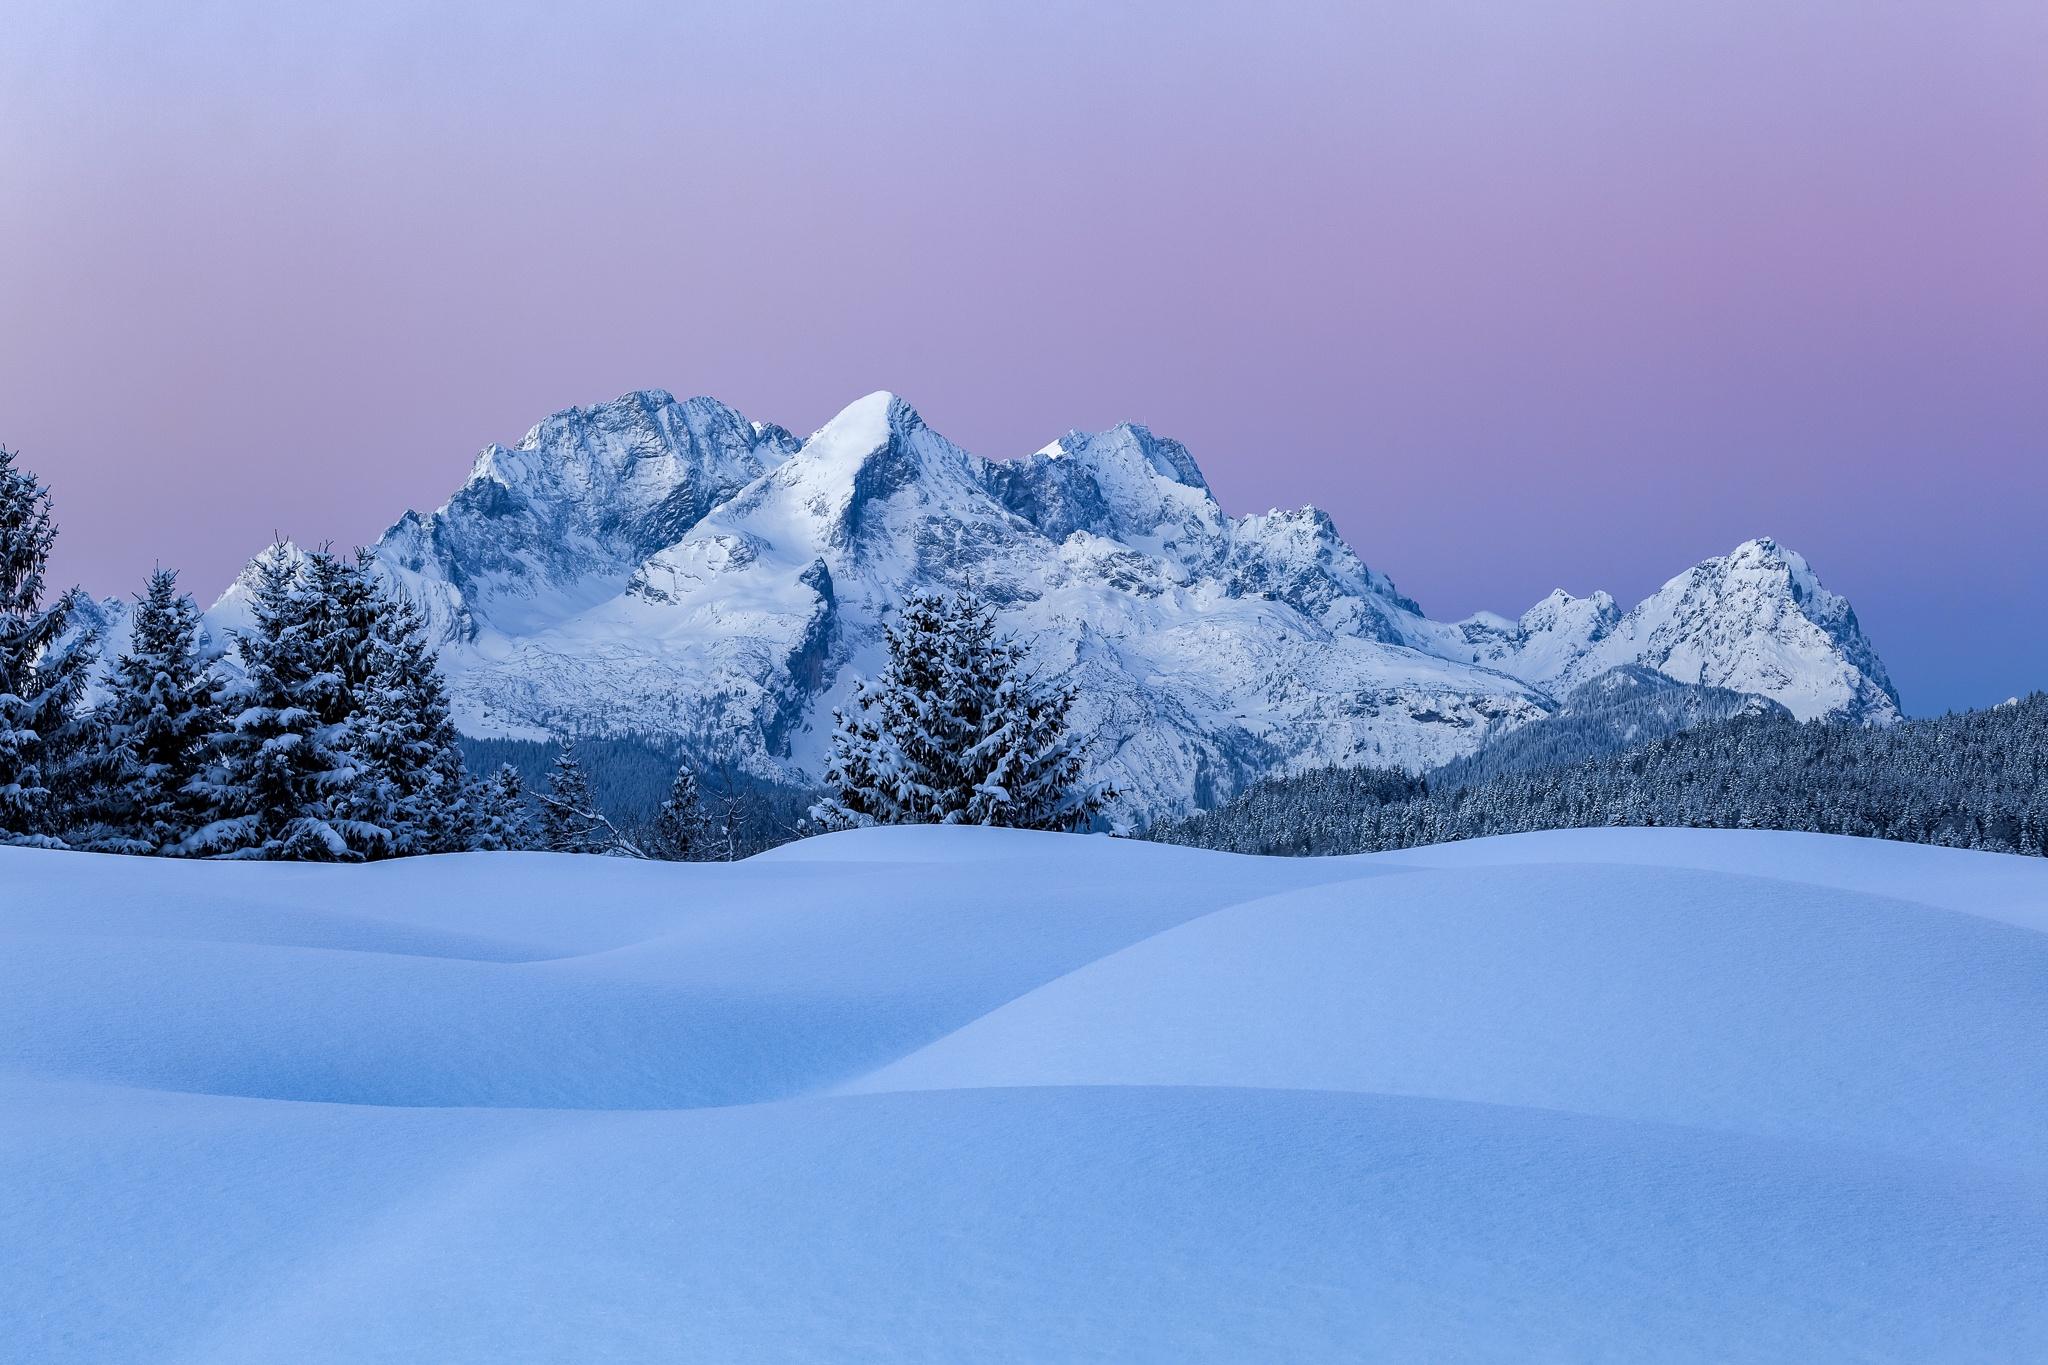 Alpspitze - Zugspitze und Schnee. Winter auf den Buckelwiesen mit Blick zum Wetterstein. Blau-violett färbt sich der Himmel für ein paar Minuten.